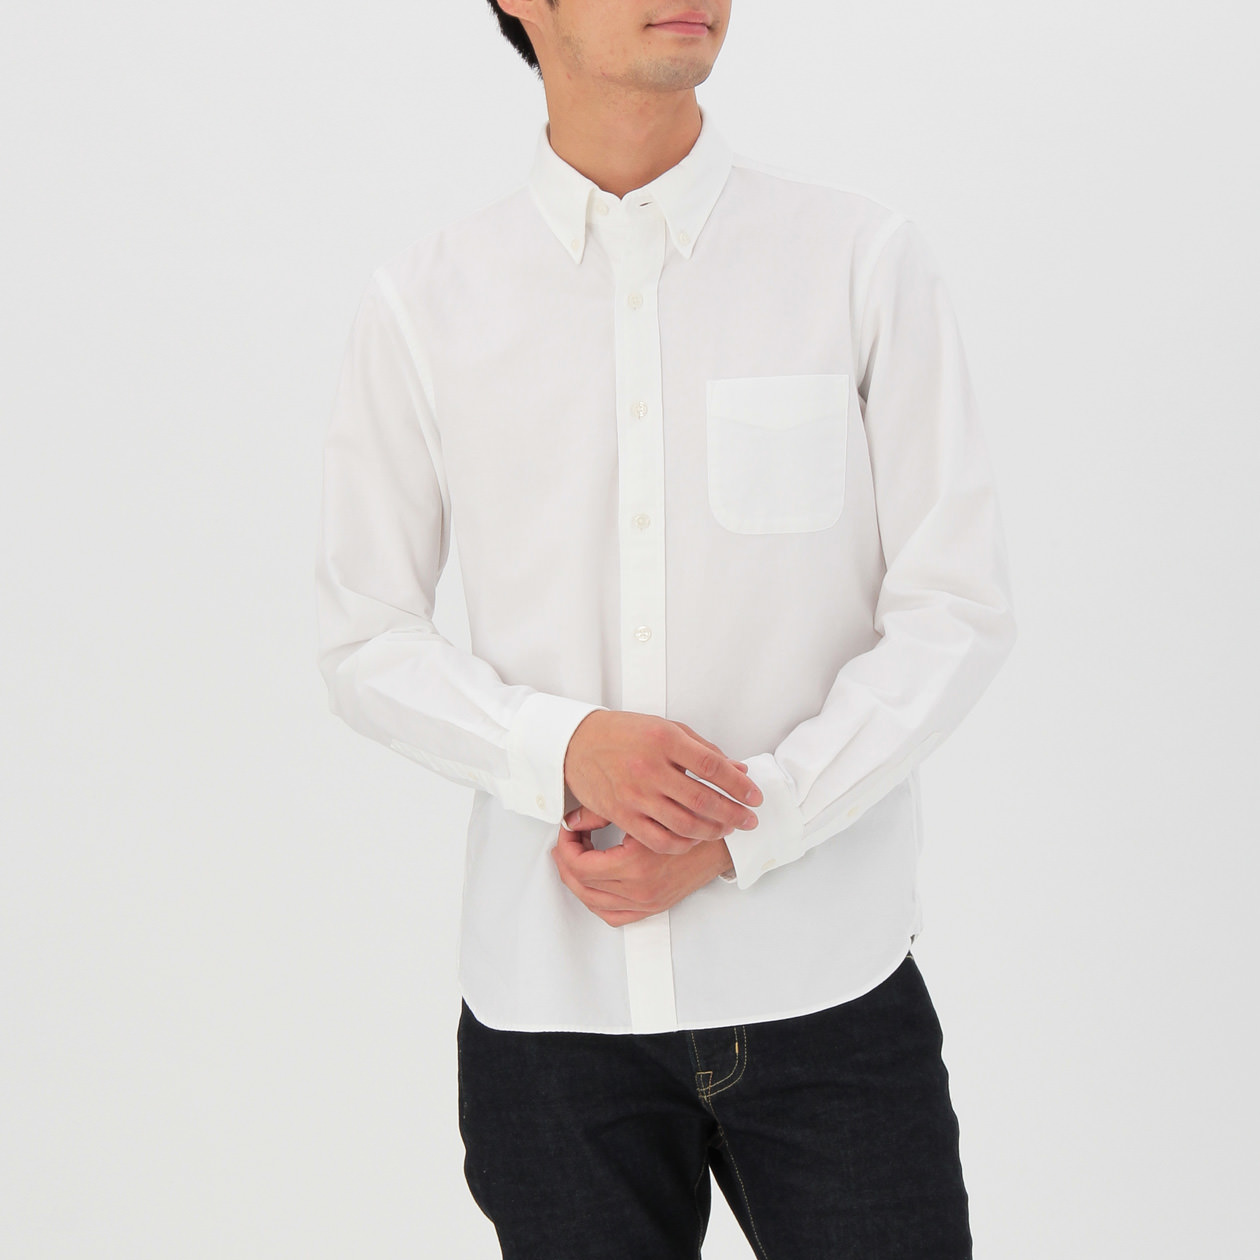 オーガニックコットン洗いざらしオックスボタンダウンシャツ